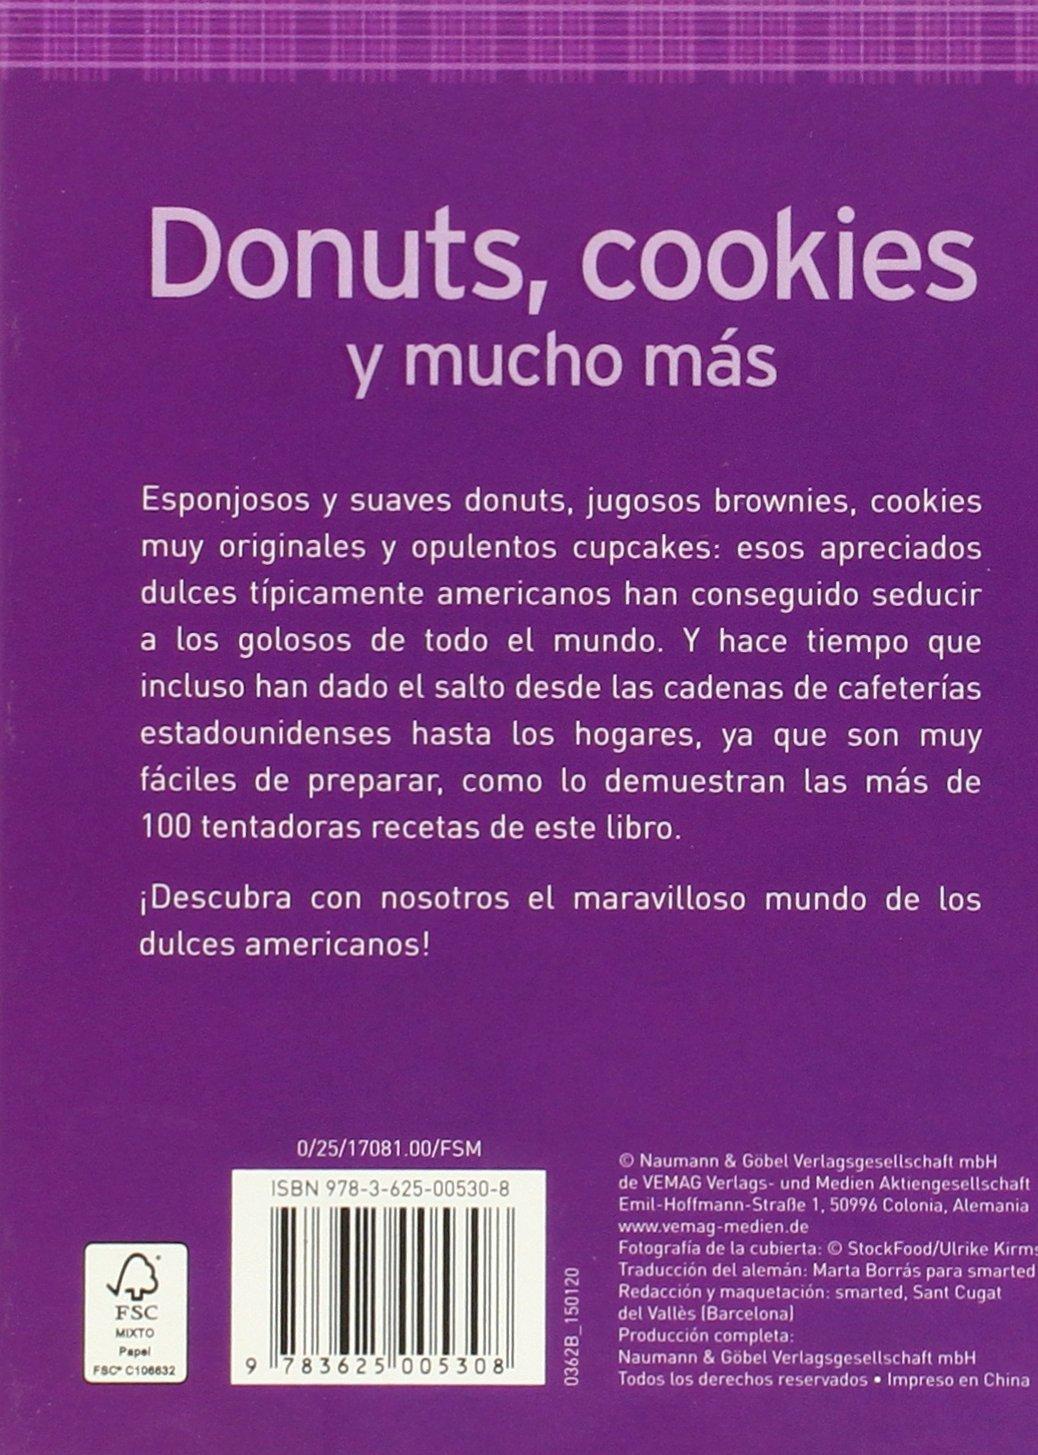 Donuts, Cookies Y Mucho Mas (Minilibros de cocina): VARIOS: 9783625005308: Amazon.com: Books